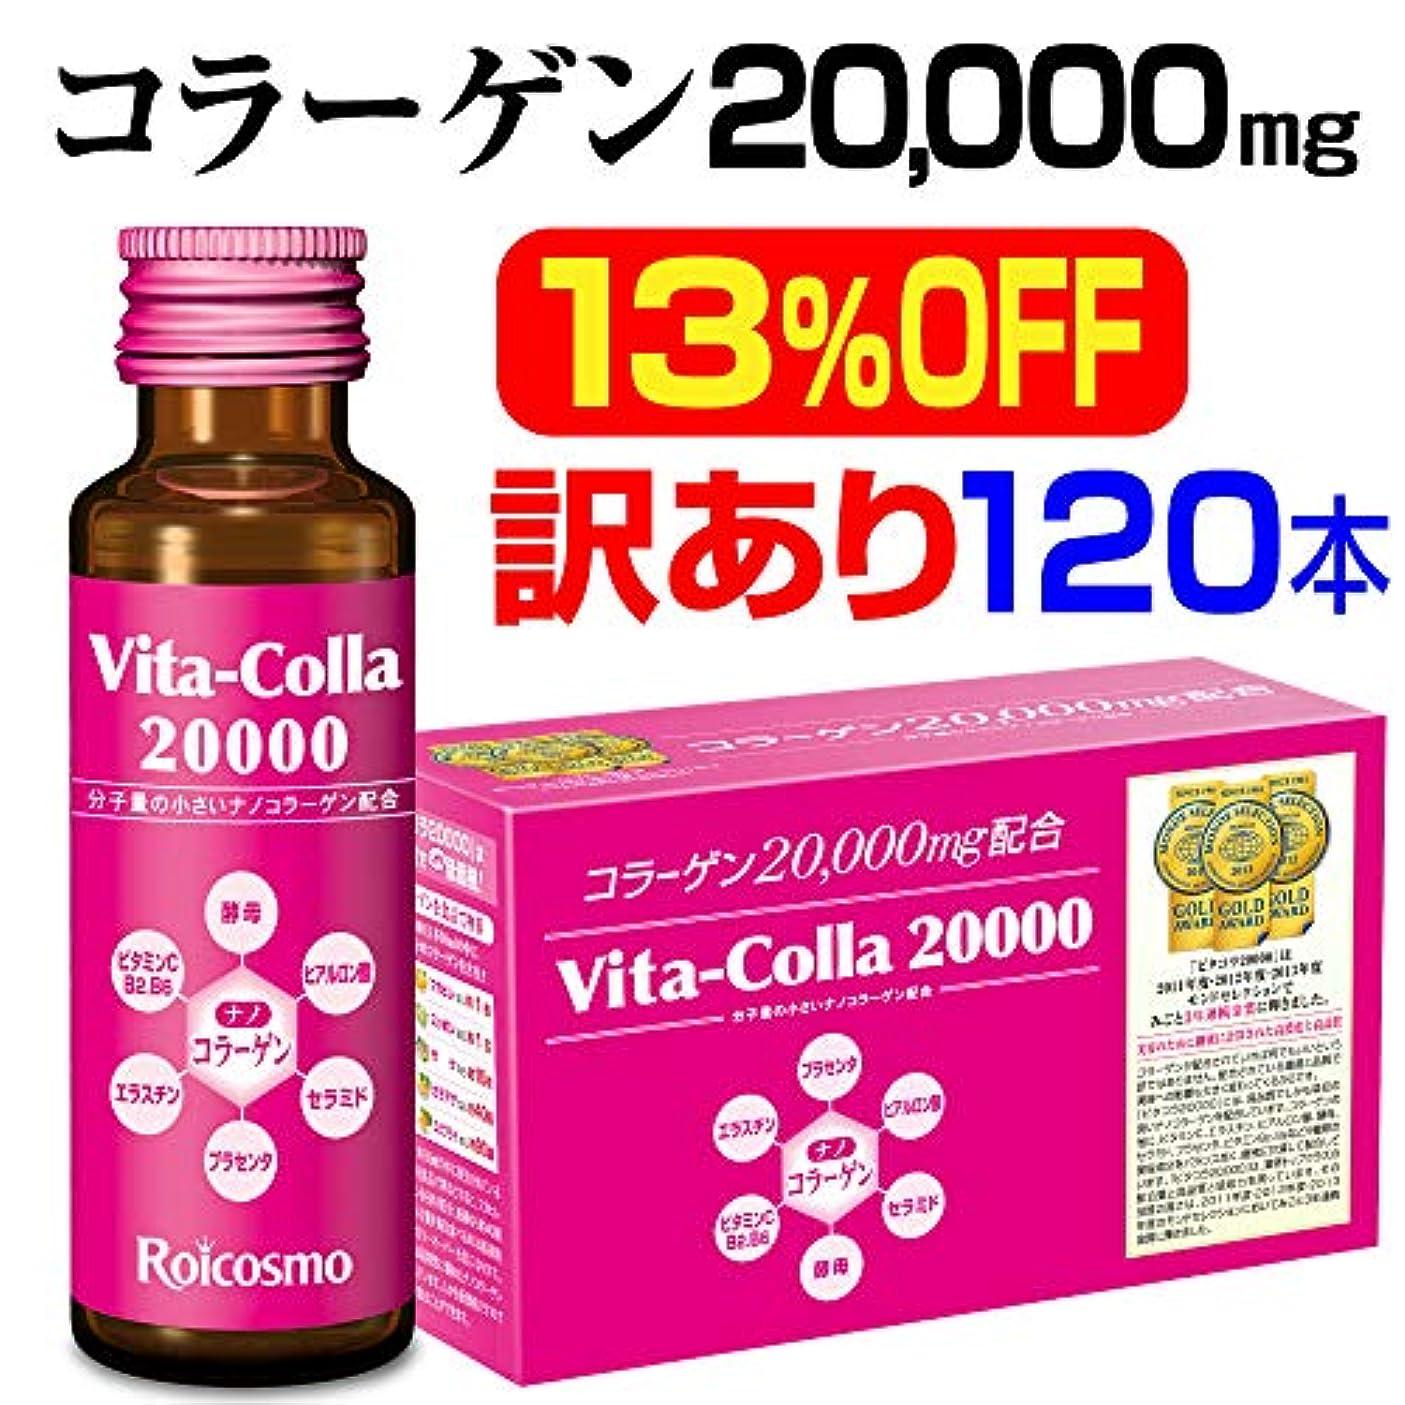 パネルマーケティンググラム訳ありセール13%OFF(1本251円) コラーゲン2万mgの配合量は業界No.1『ビタコラ20000/1箱10本入×12箱』